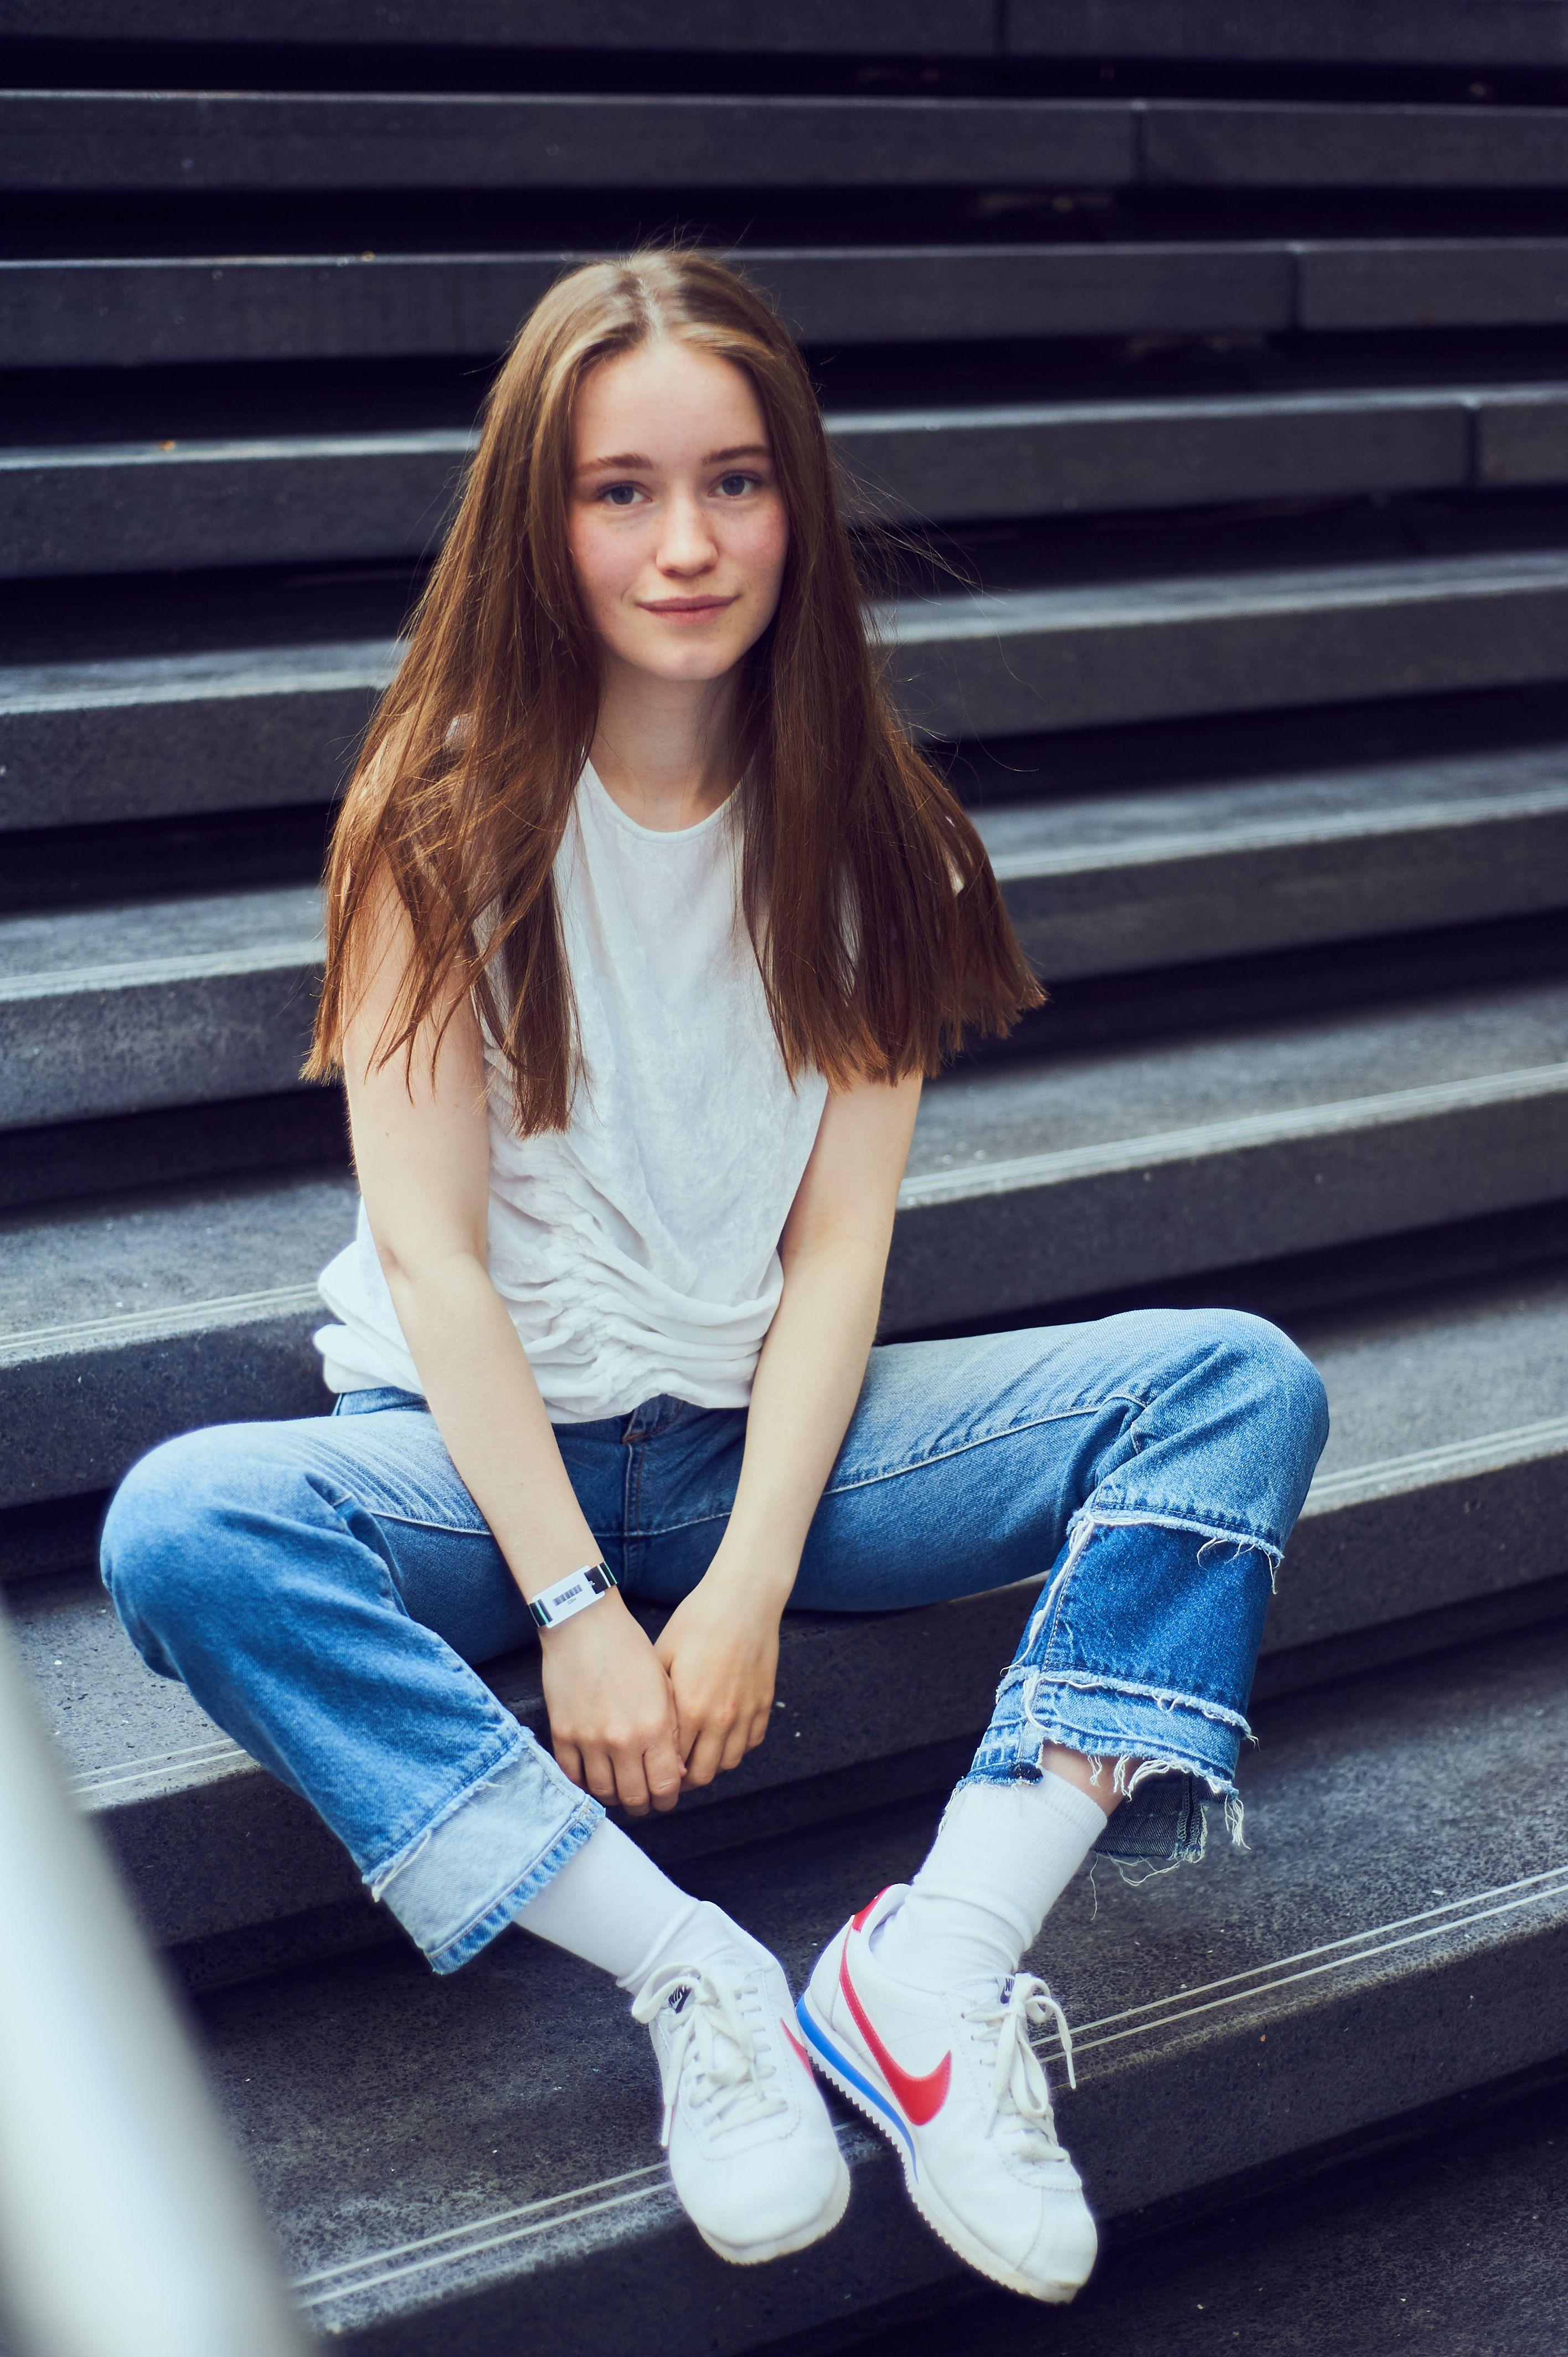 Norwegian Scandinavian Pop Artist Pop Star From Norway Sigrid Solbakk Raabe Stage Name Sigrid Modelos Roupas Roupas Vintage